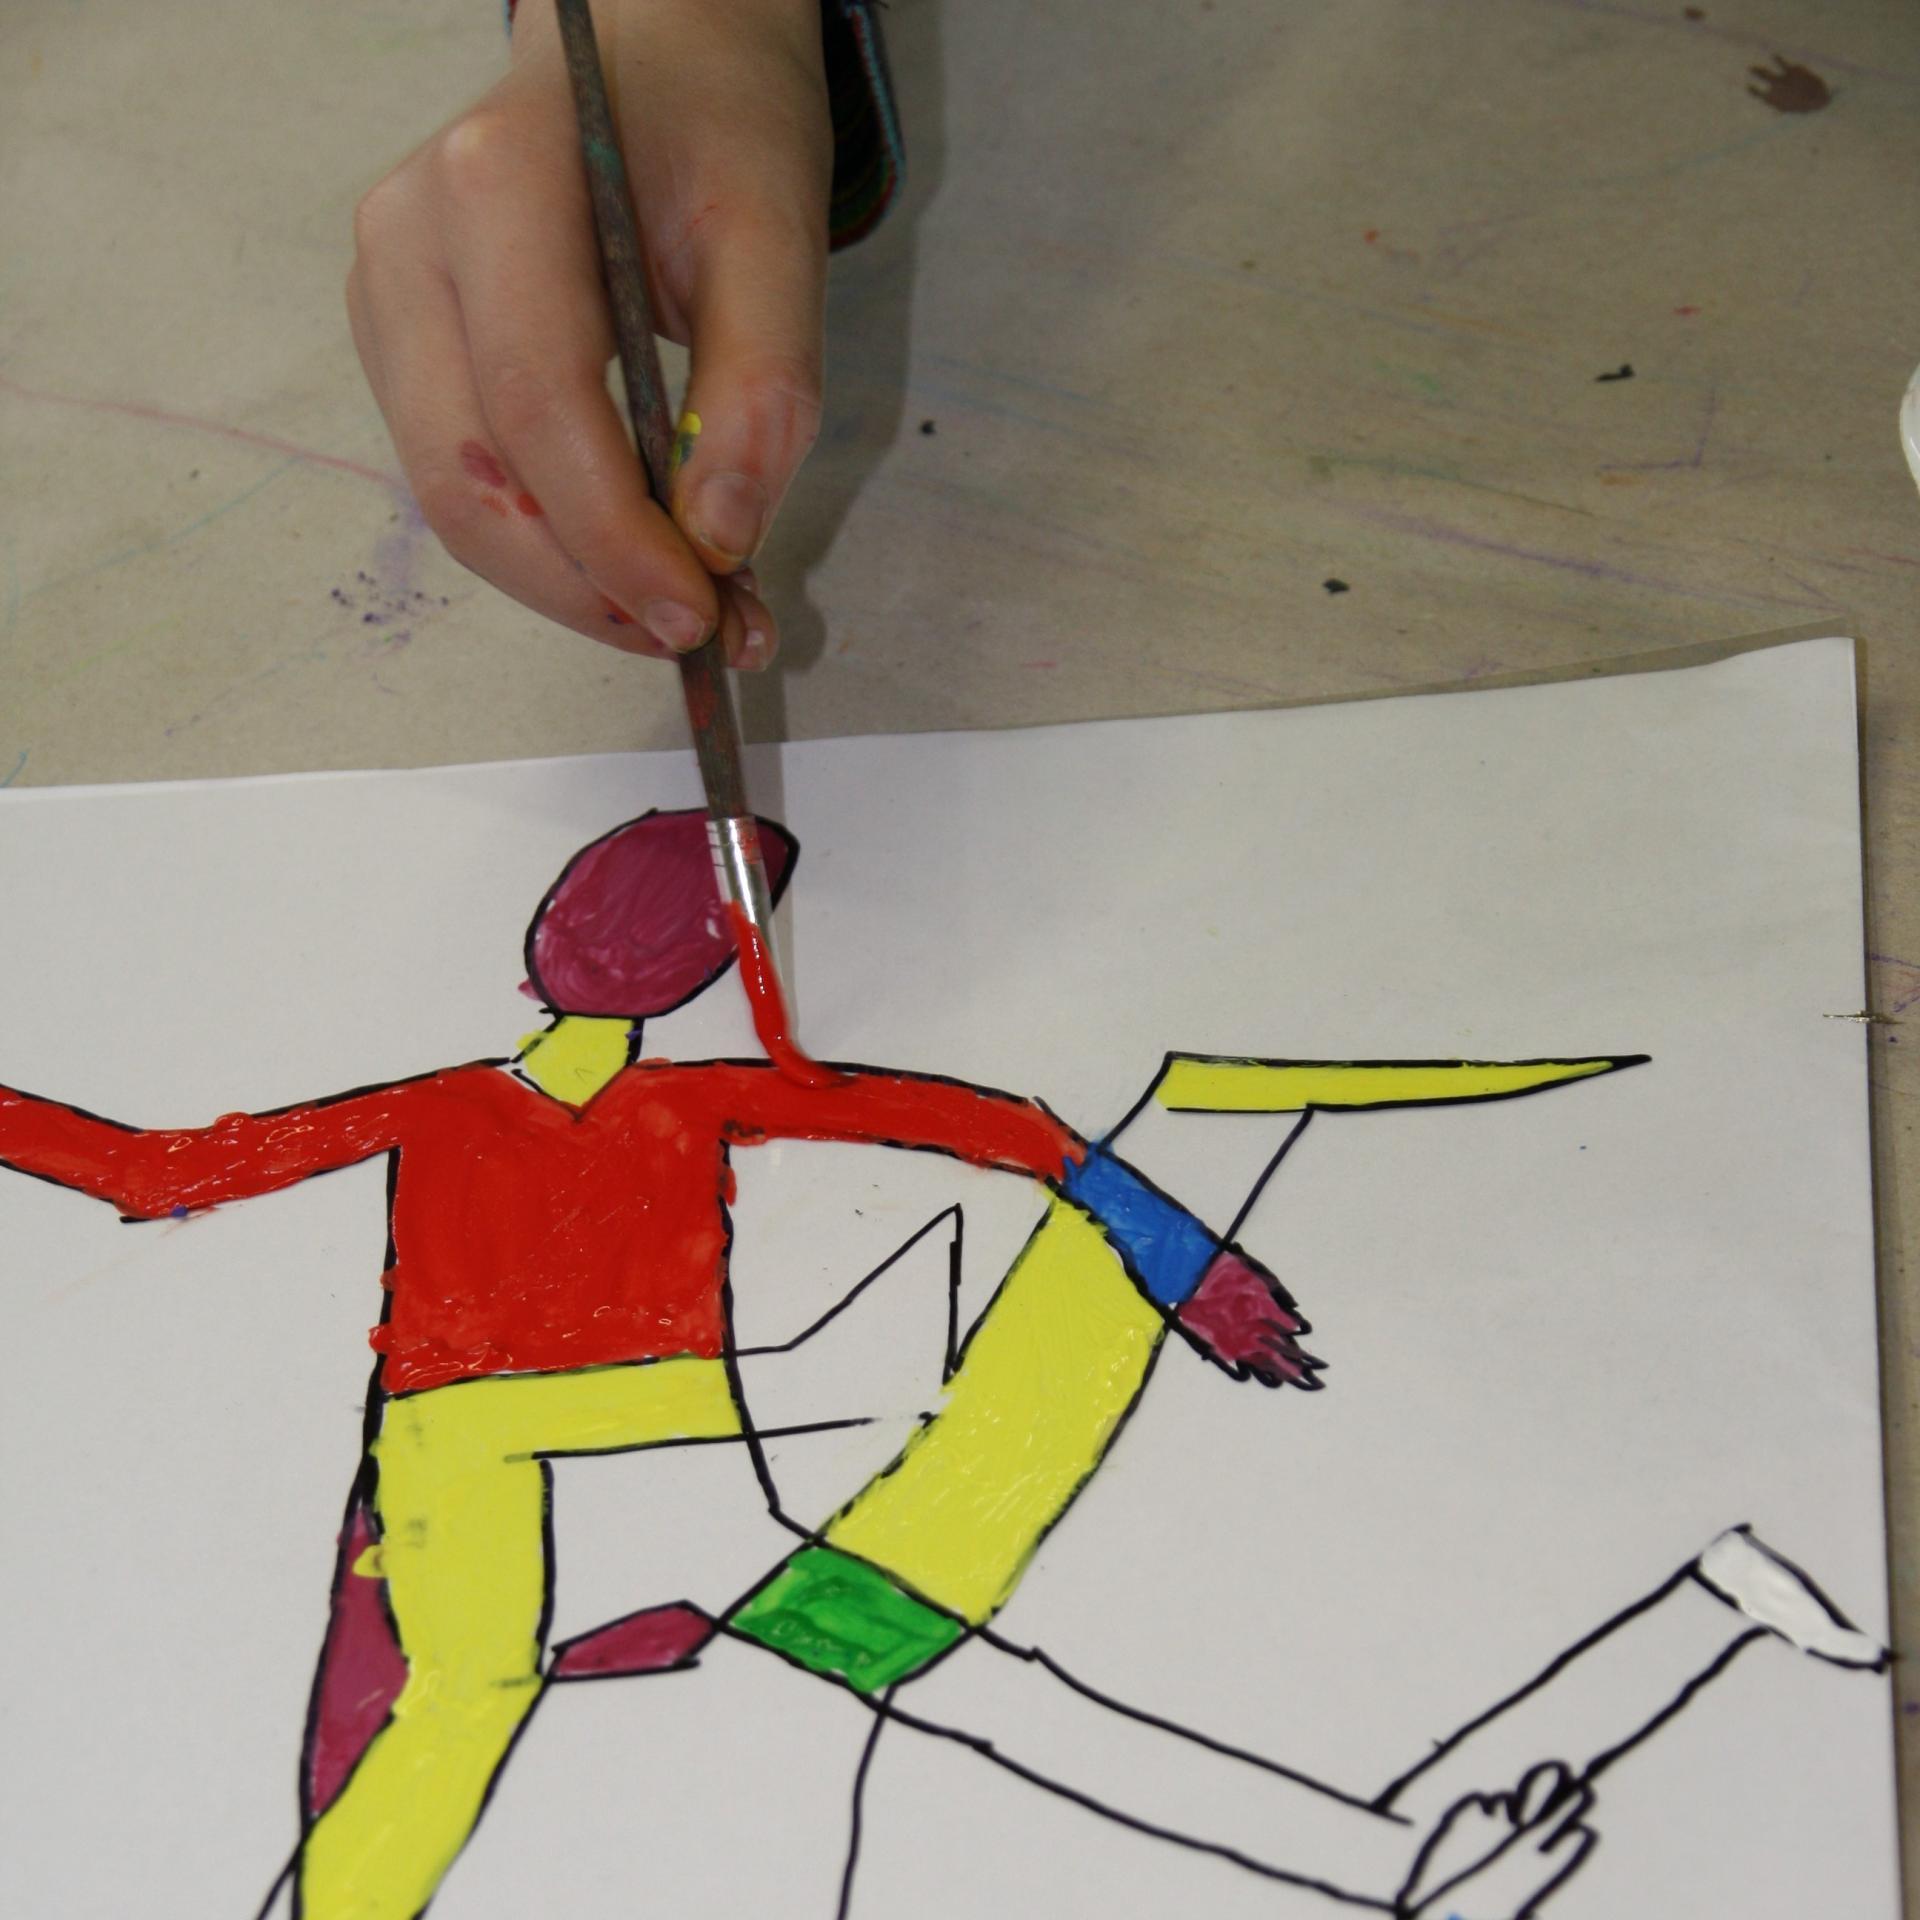 Gemeinsam künstlerisch arbeiten